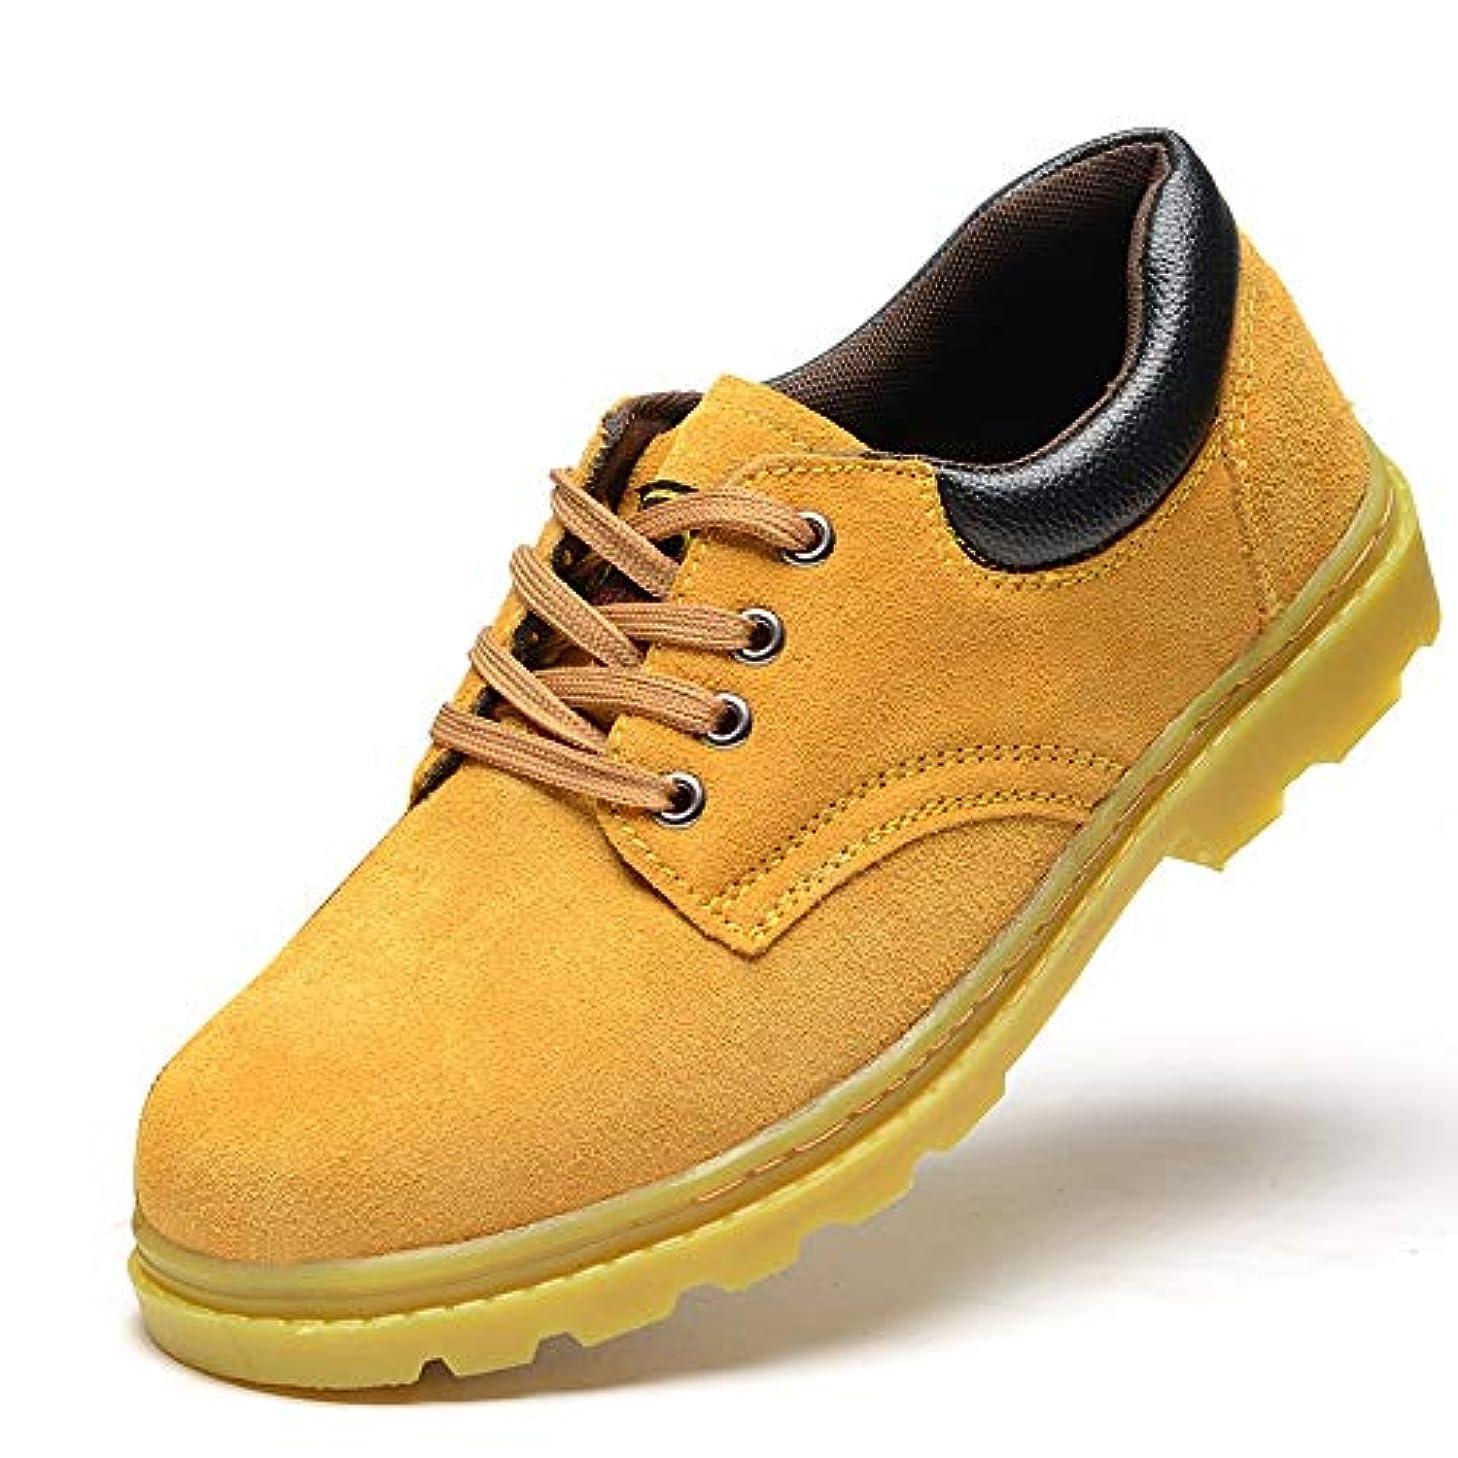 退化する祈る苦しめる方朝日スポーツ用品店 男性の牛肉の腱アウトソール安全靴安全靴抗スマッシングアンチピアス (色 : Style A, サイズ : 45)